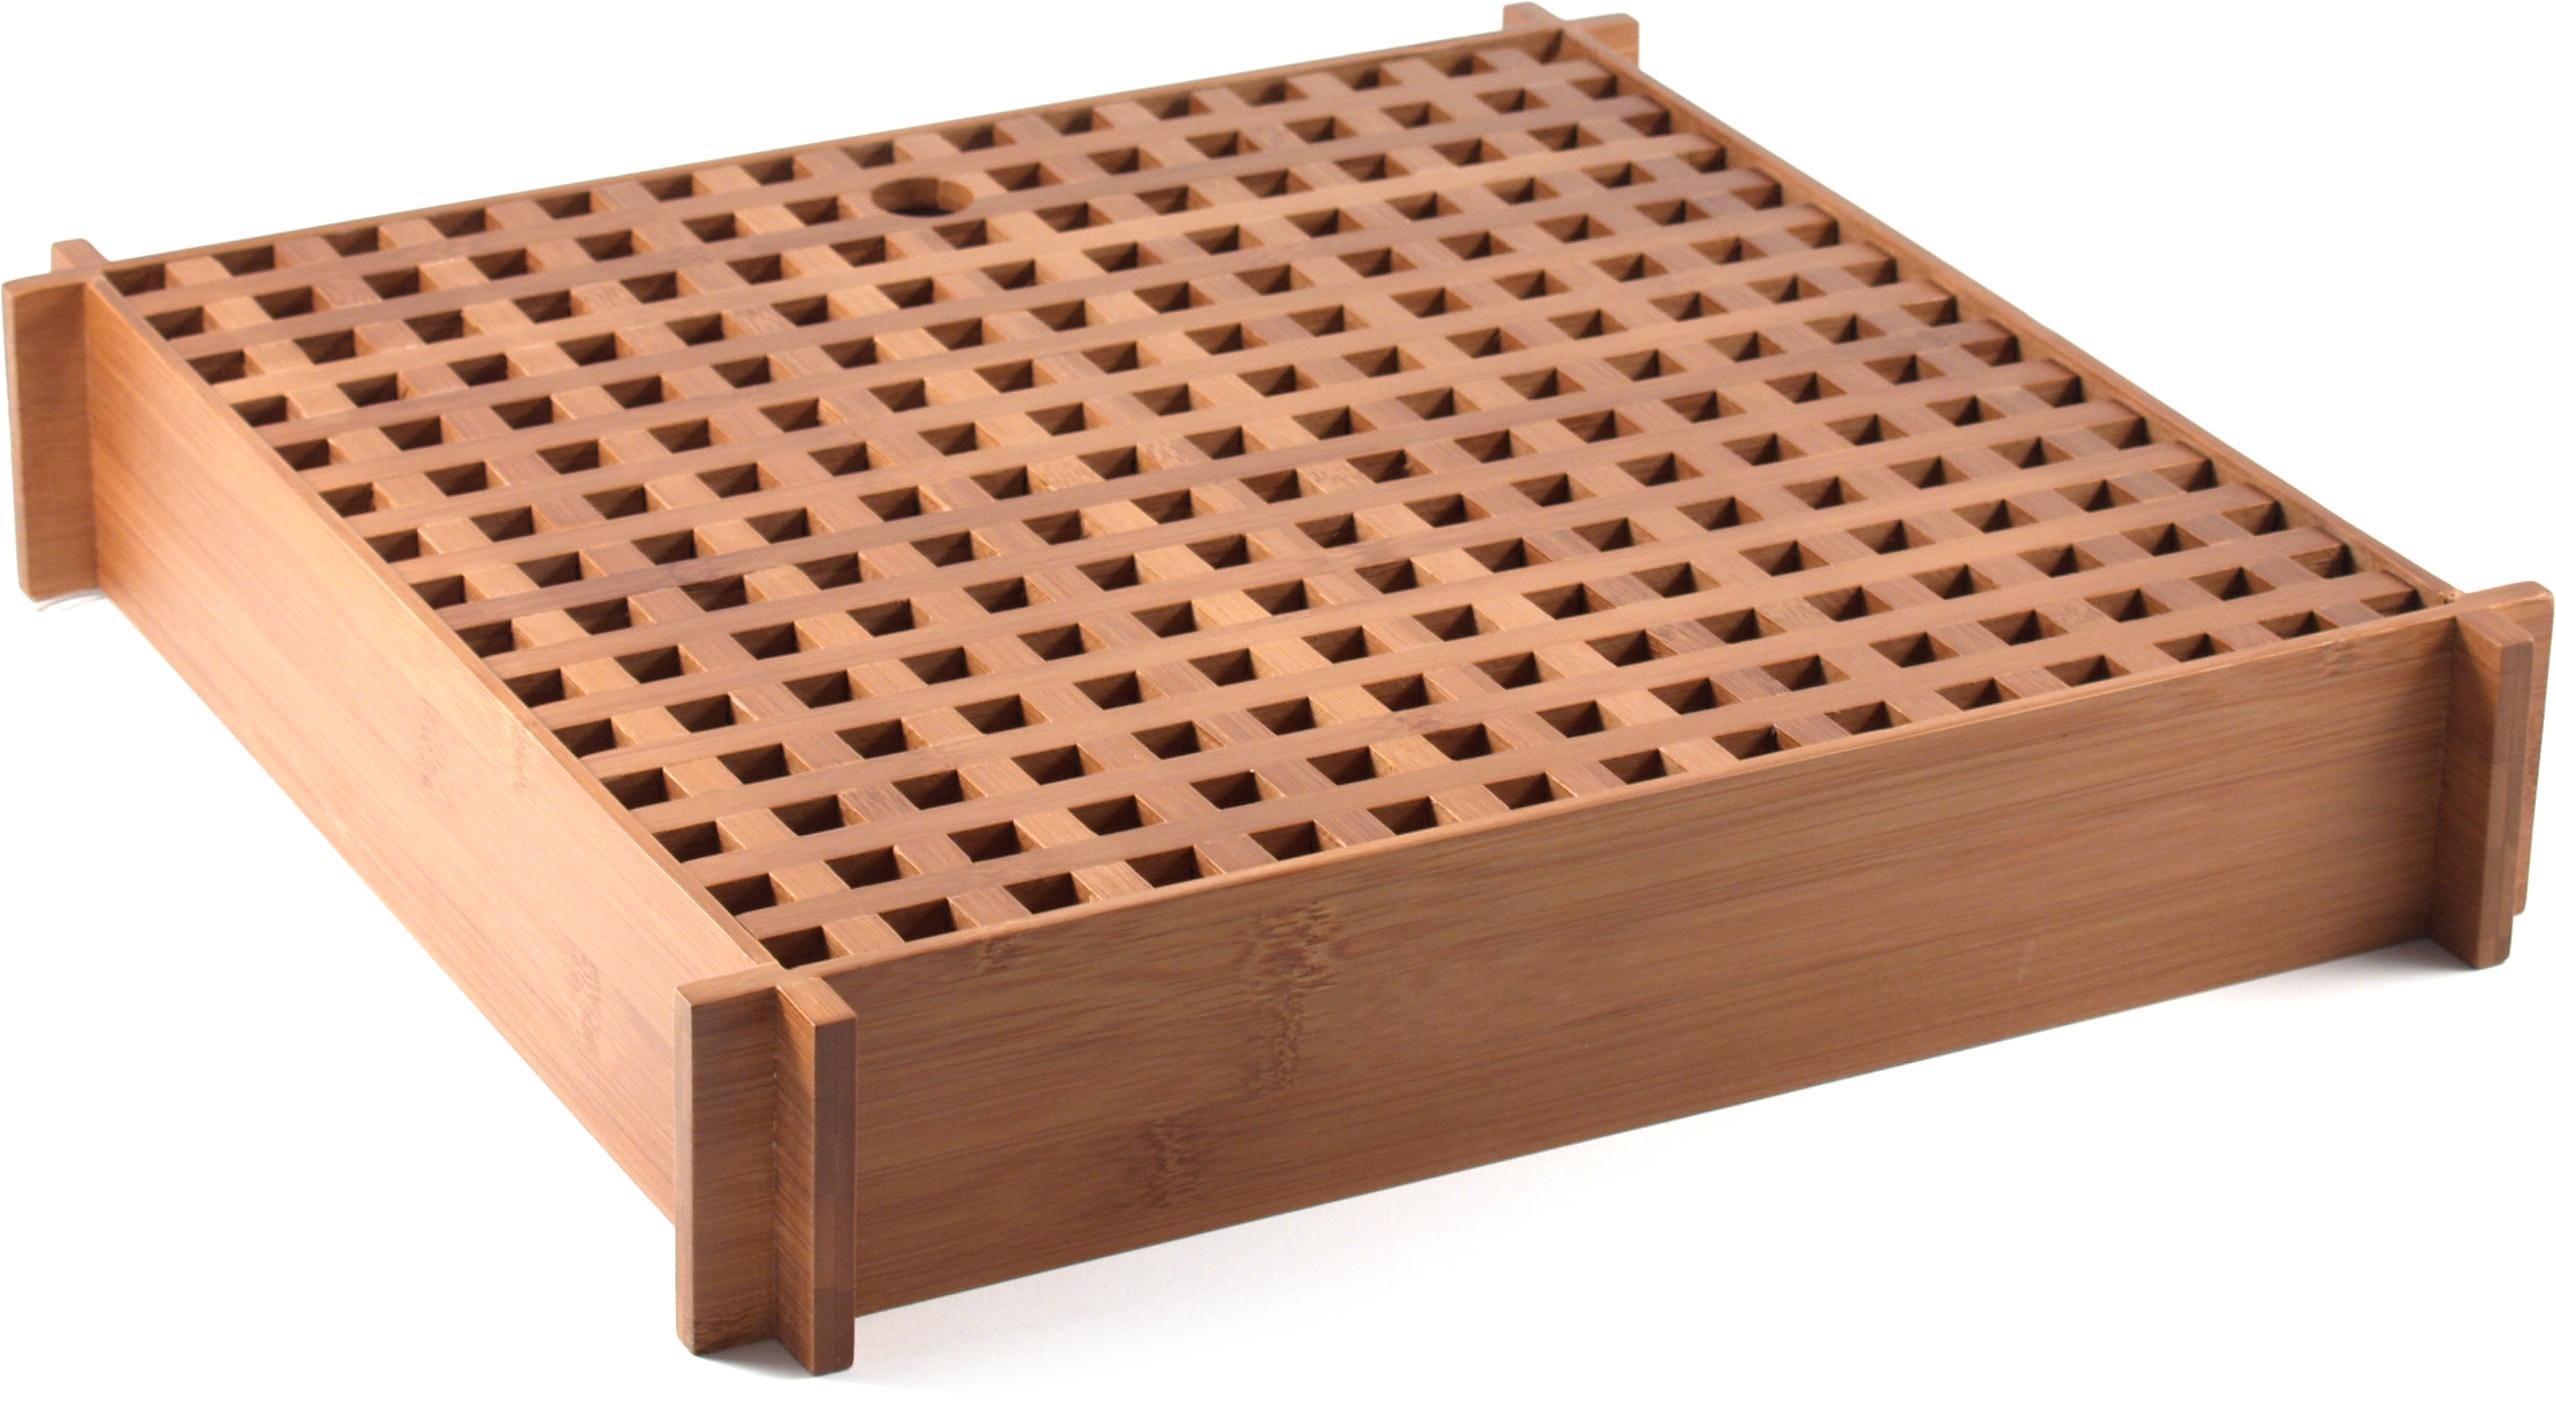 Bamboo Lattice Pattern Tea Tray